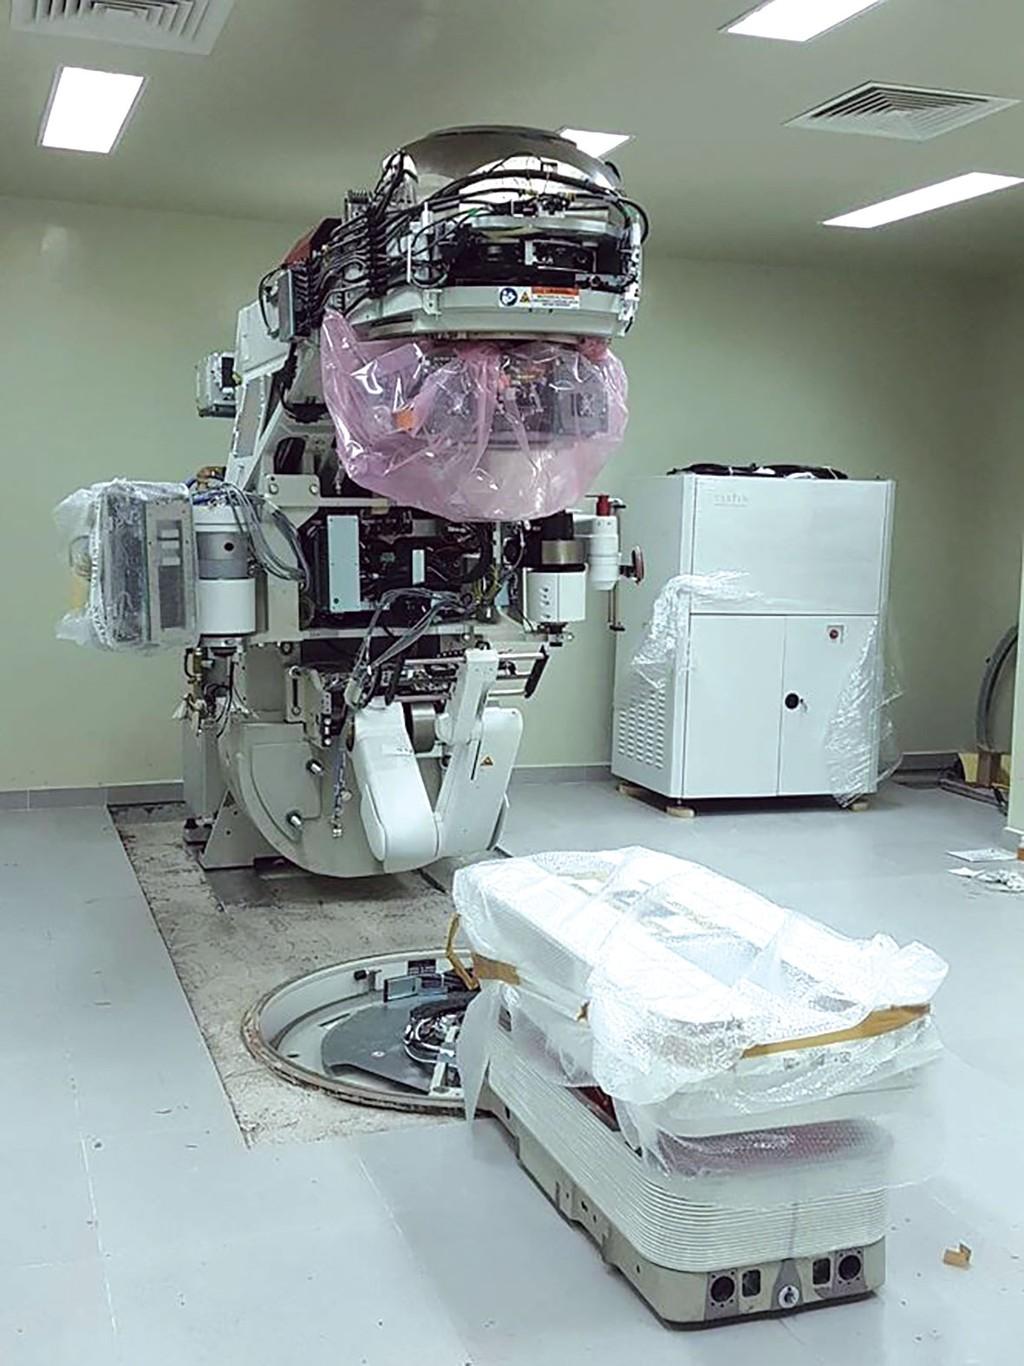 Rà soát việc đấu thầu 1 gói thầu tại  Bệnh viện Ung bướu TP.HCM - ảnh 1